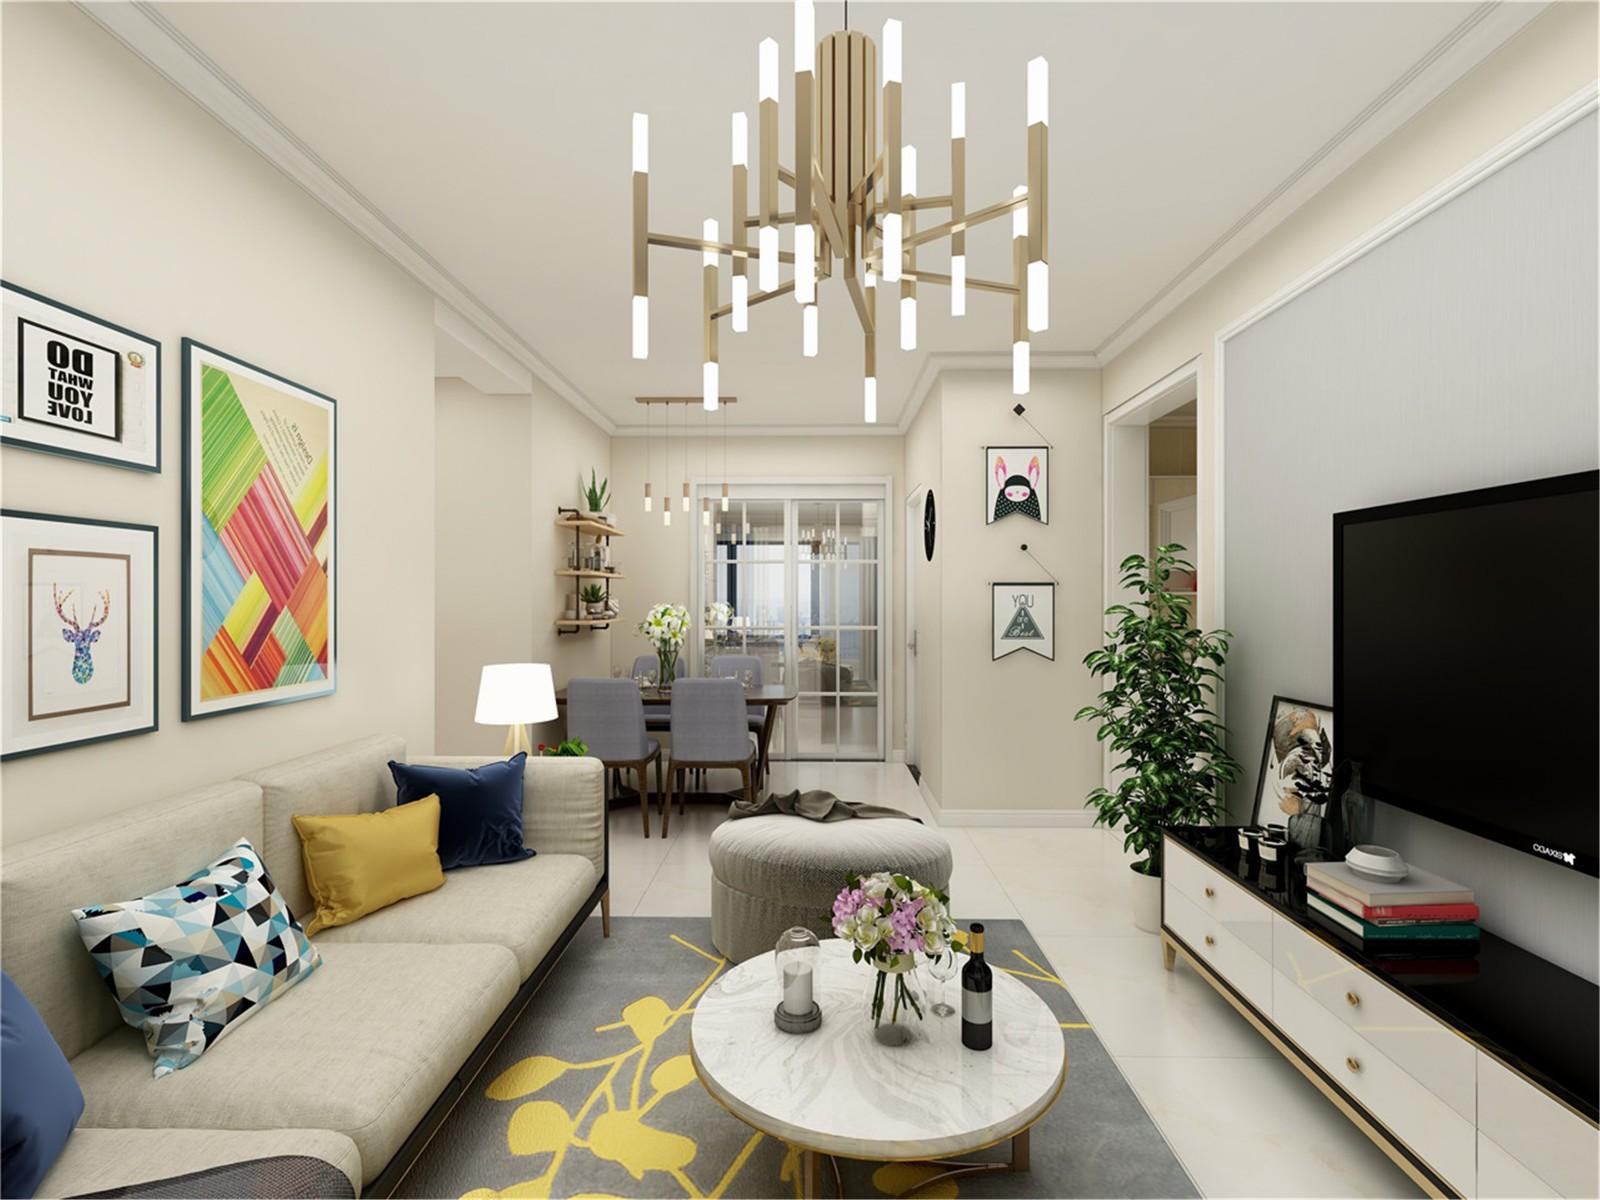 2020經典90平米裝飾設計 2020經典三居室裝修設計圖片